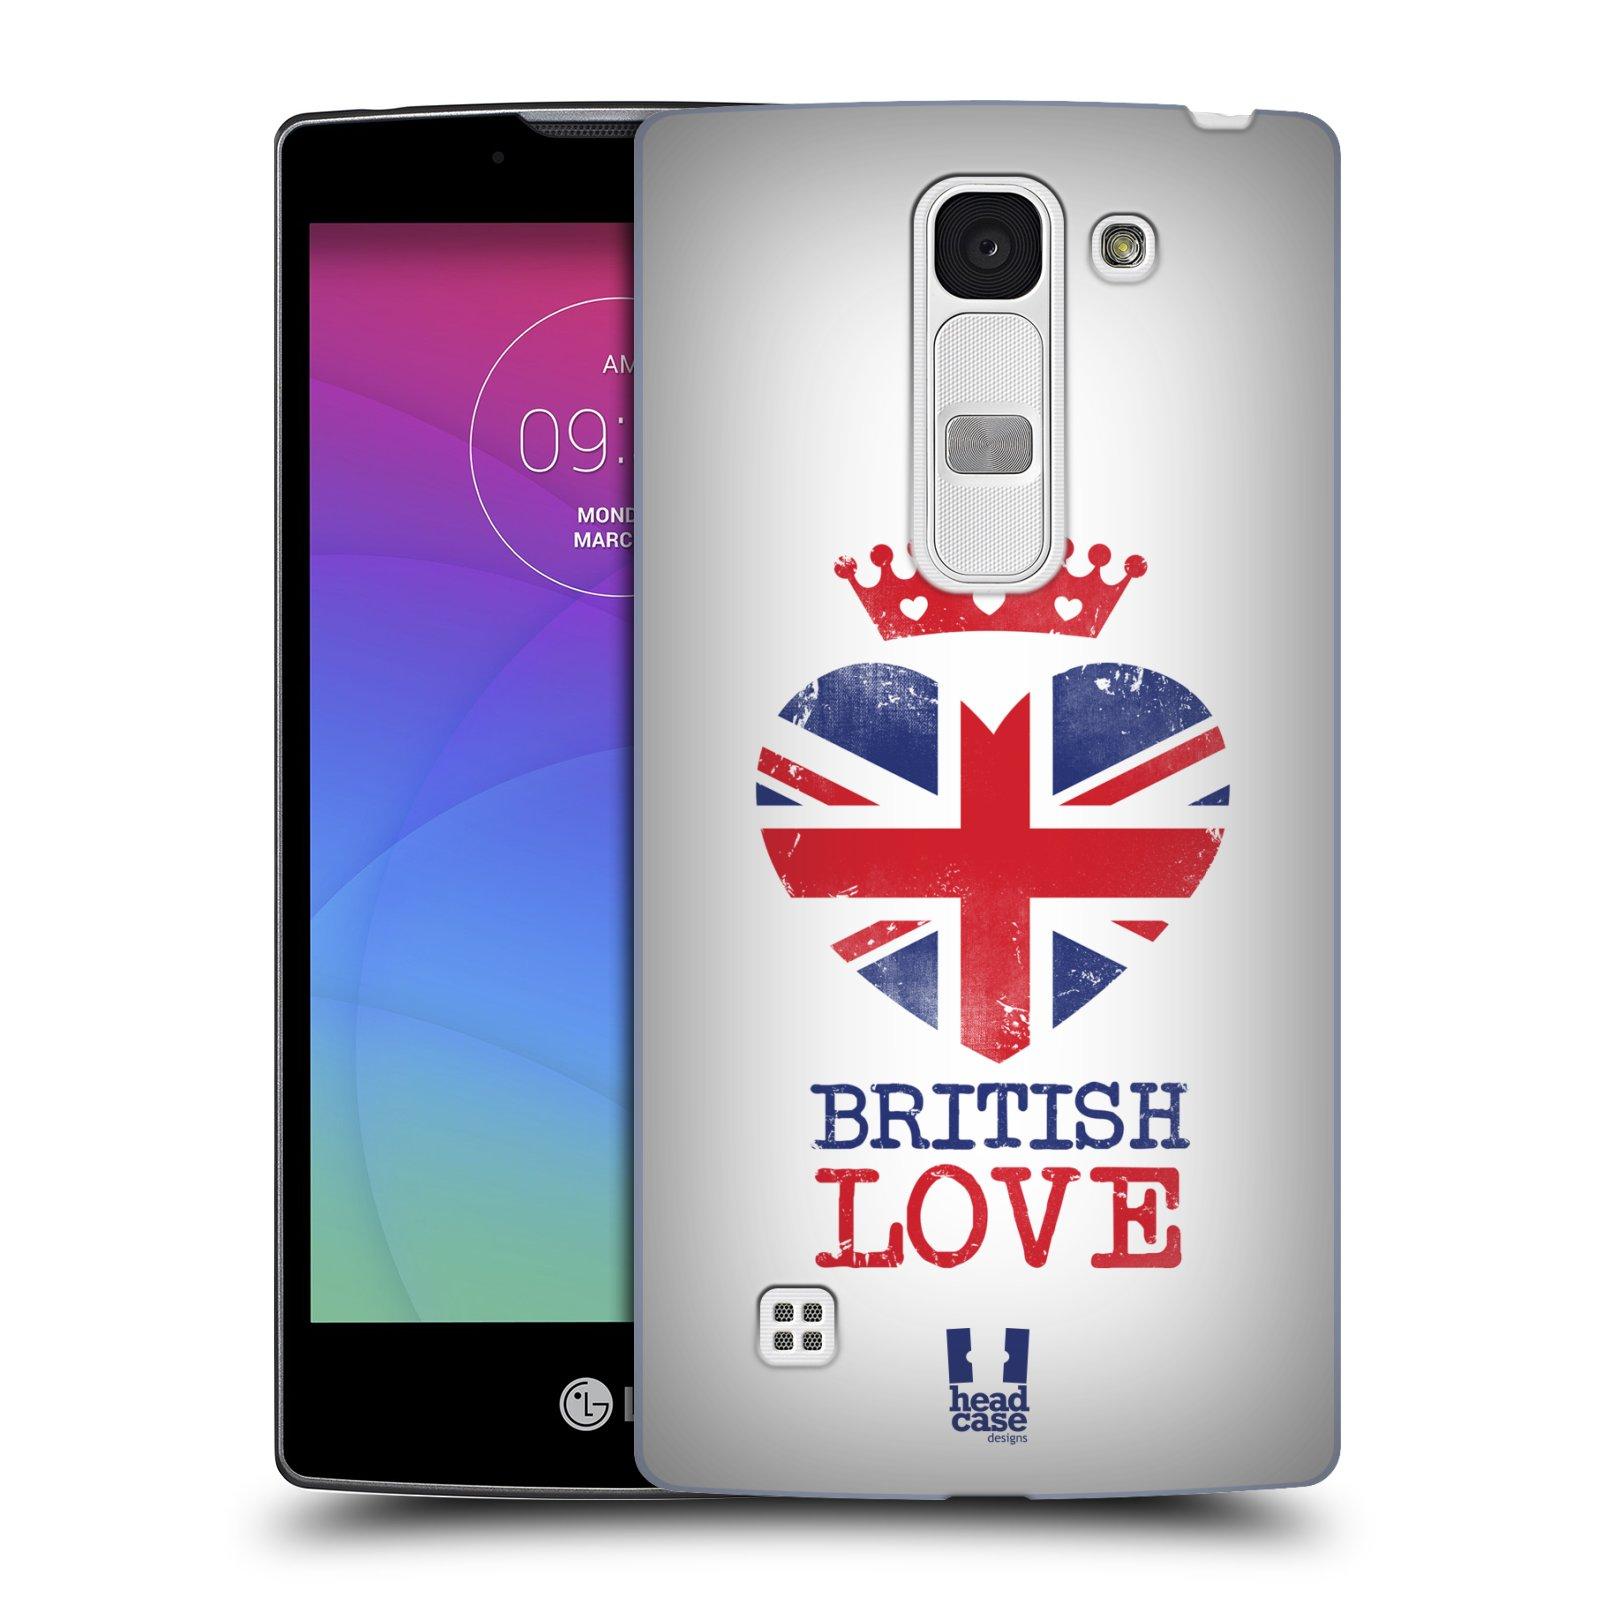 Plastové pouzdro na mobil LG Spirit LTE HEAD CASE BRITISH LOVE (Kryt či obal na mobilní telefon LG Spirit H420 a LG Spirit LTE H440N)